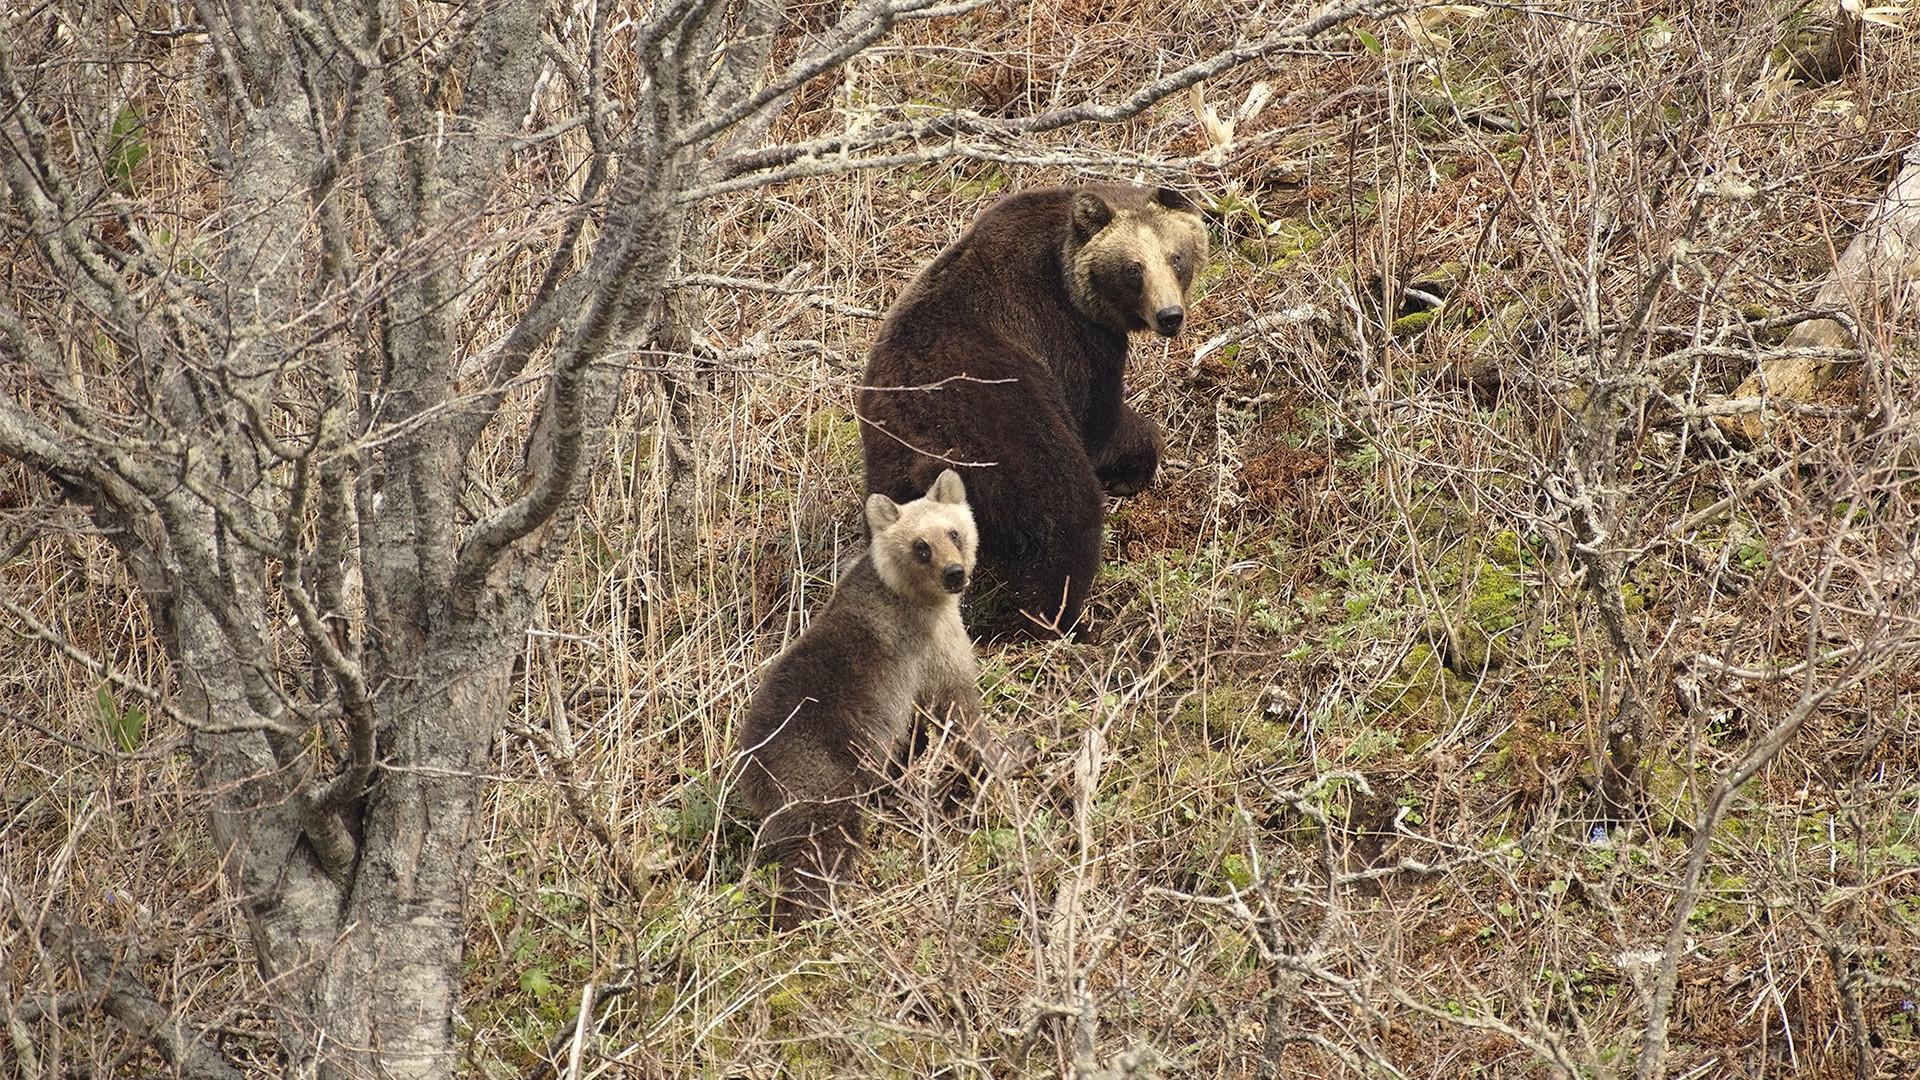 """Das Schicksal der silbernen Braunbären ist aber unklar: """"Wir beobachten sie noch nicht so lange und können darum nicht sagen, ob ihre Zahl wächst oder sinkt"""", so Koslowskij. """"Wir hoffen, dass sie nicht aussterben und wir sie öfter unter den Kurilenbären antreffen werden. Sie sehen sehr schön aus!"""""""